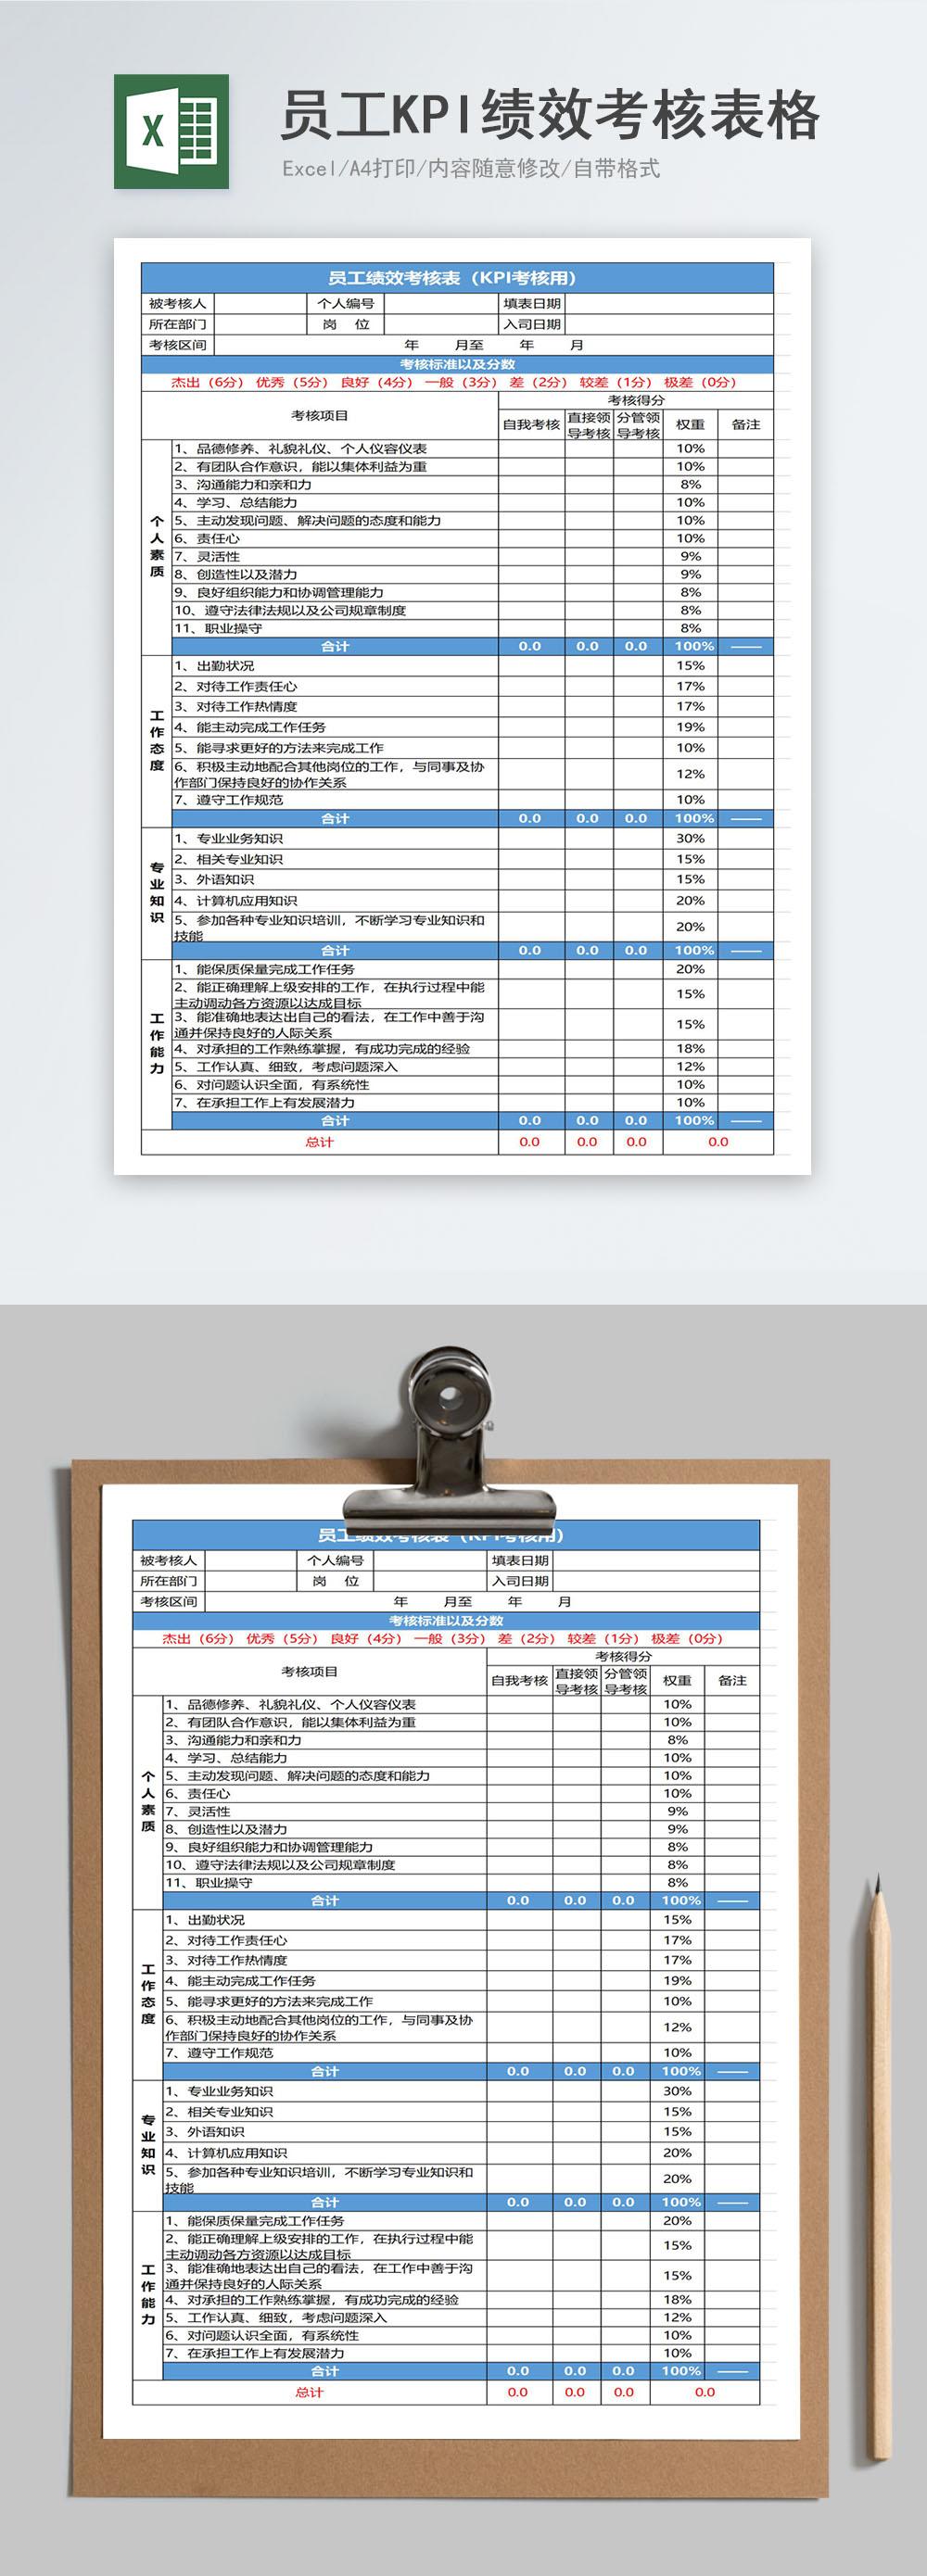 نموذج تقييم الاداء الوظيفي Excel